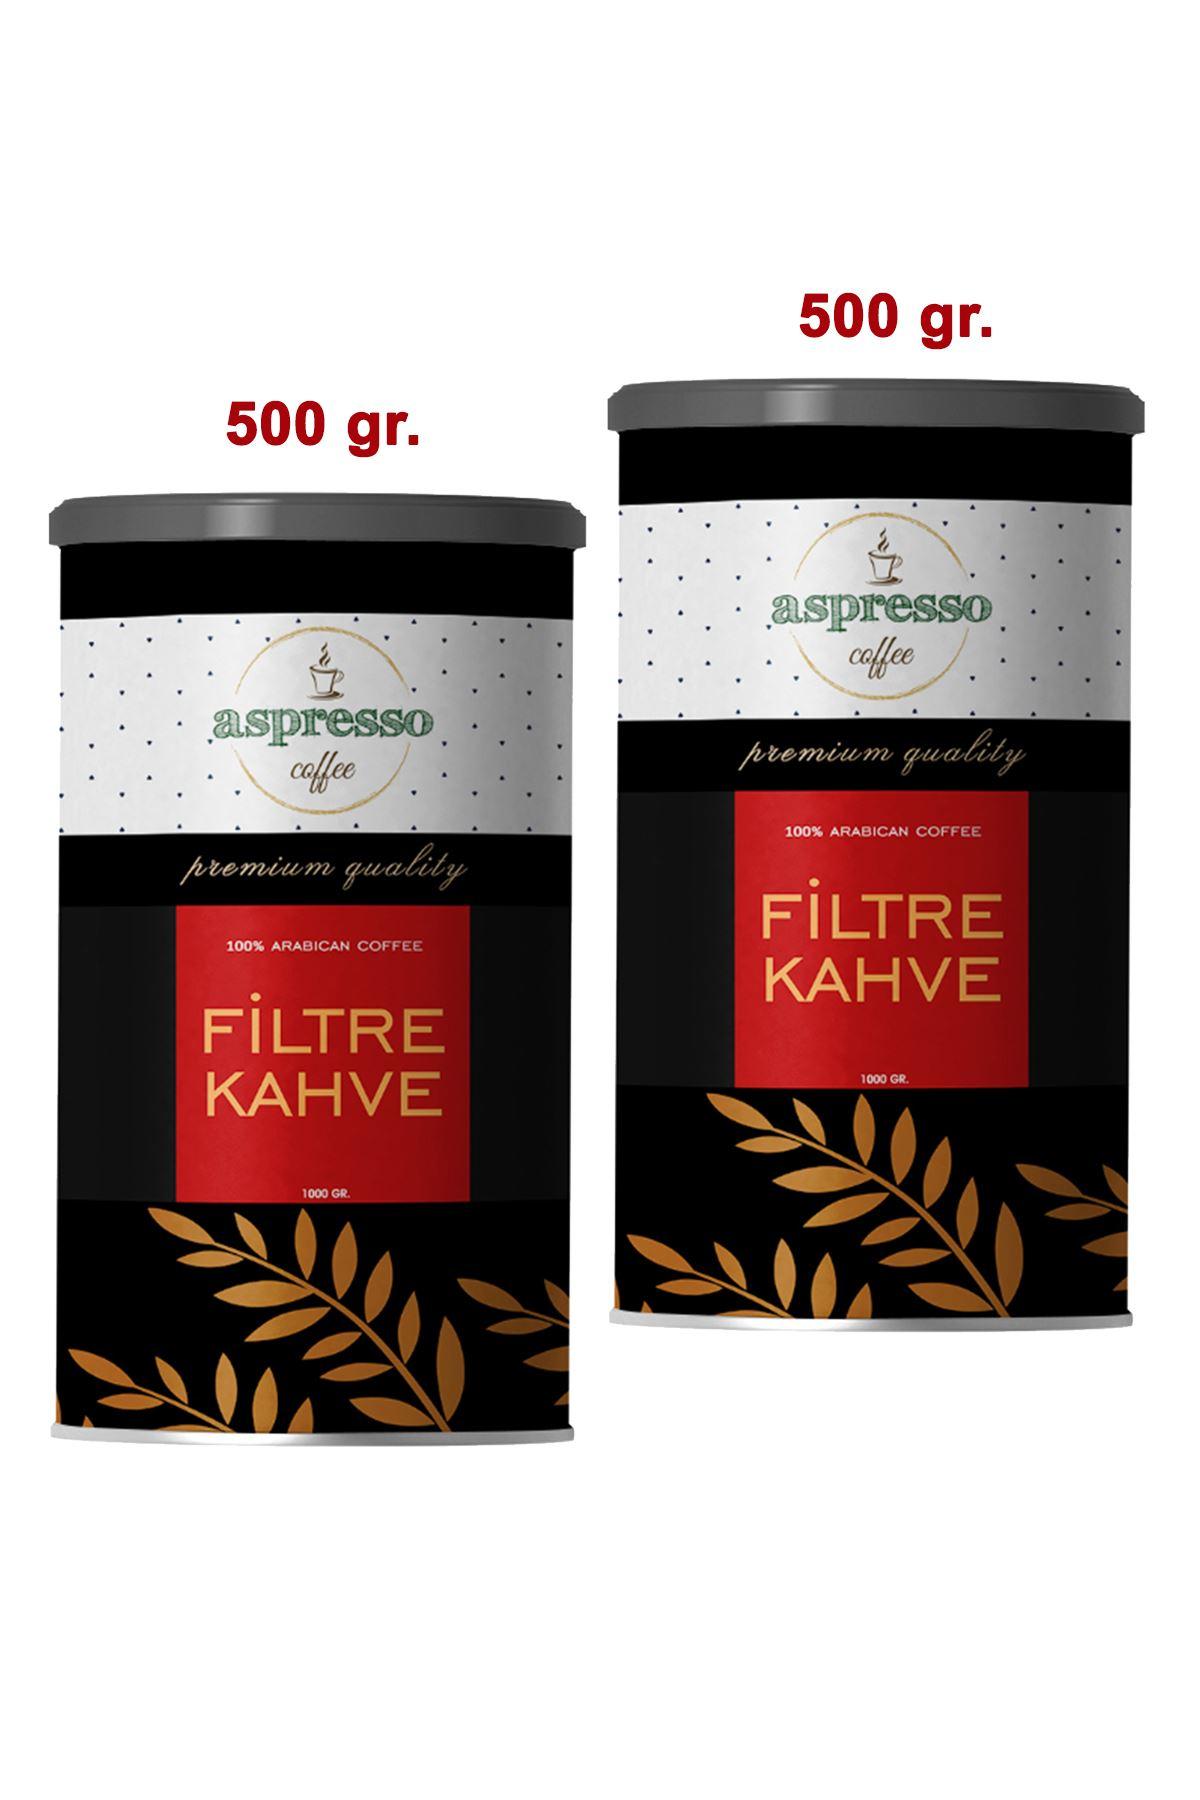 Özel Harman Filtre Kahve 2 x 500 gr.